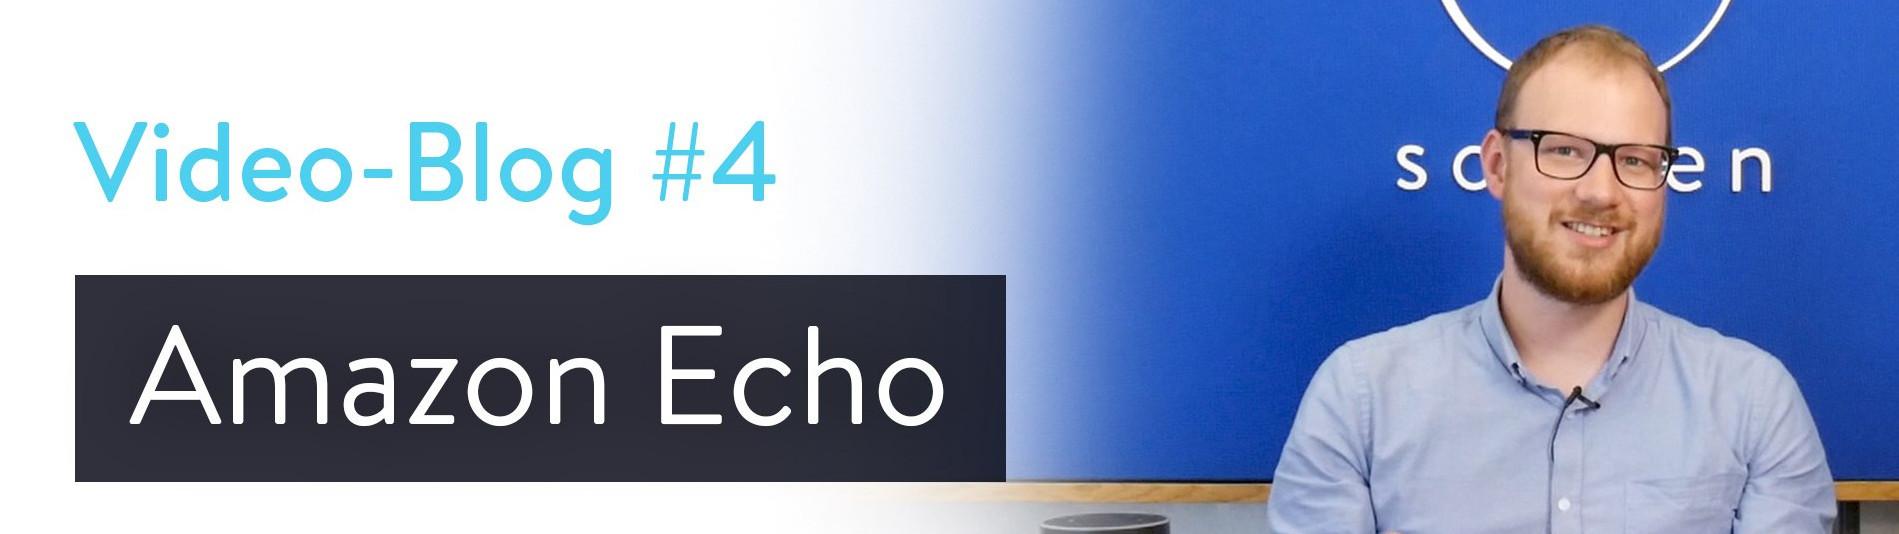 Amazon Echo Vlog mit sonnen Product Manager Jannik Schall